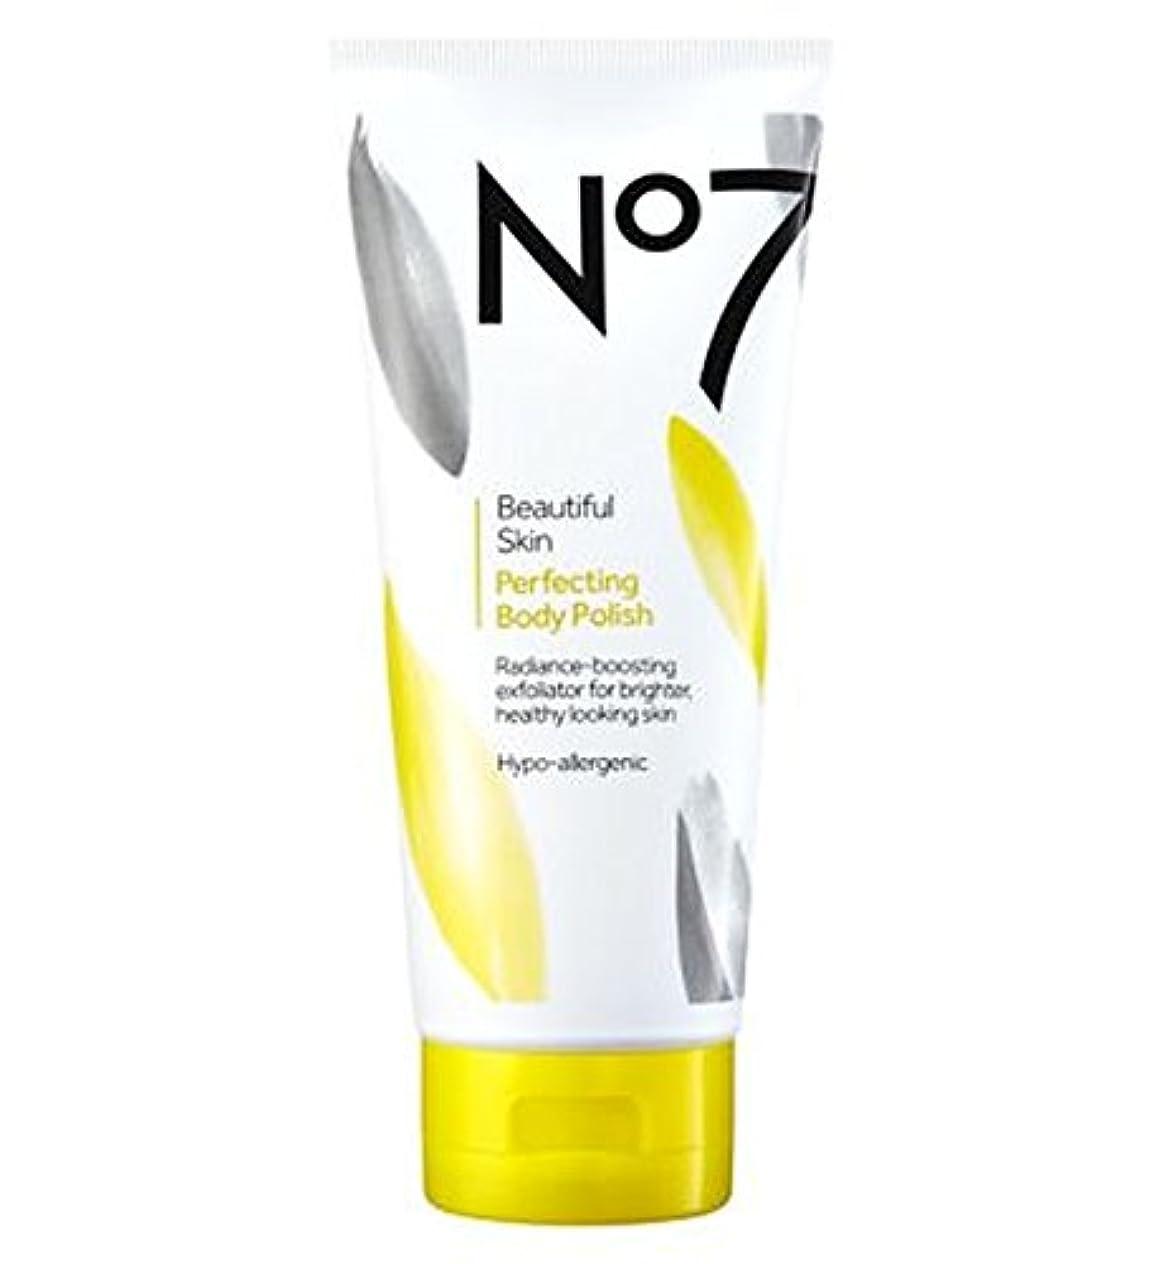 と原子回復するボディポリッシュを完成No7美肌 (No7) (x2) - No7 Beautiful Skin Perfecting Body Polish (Pack of 2) [並行輸入品]